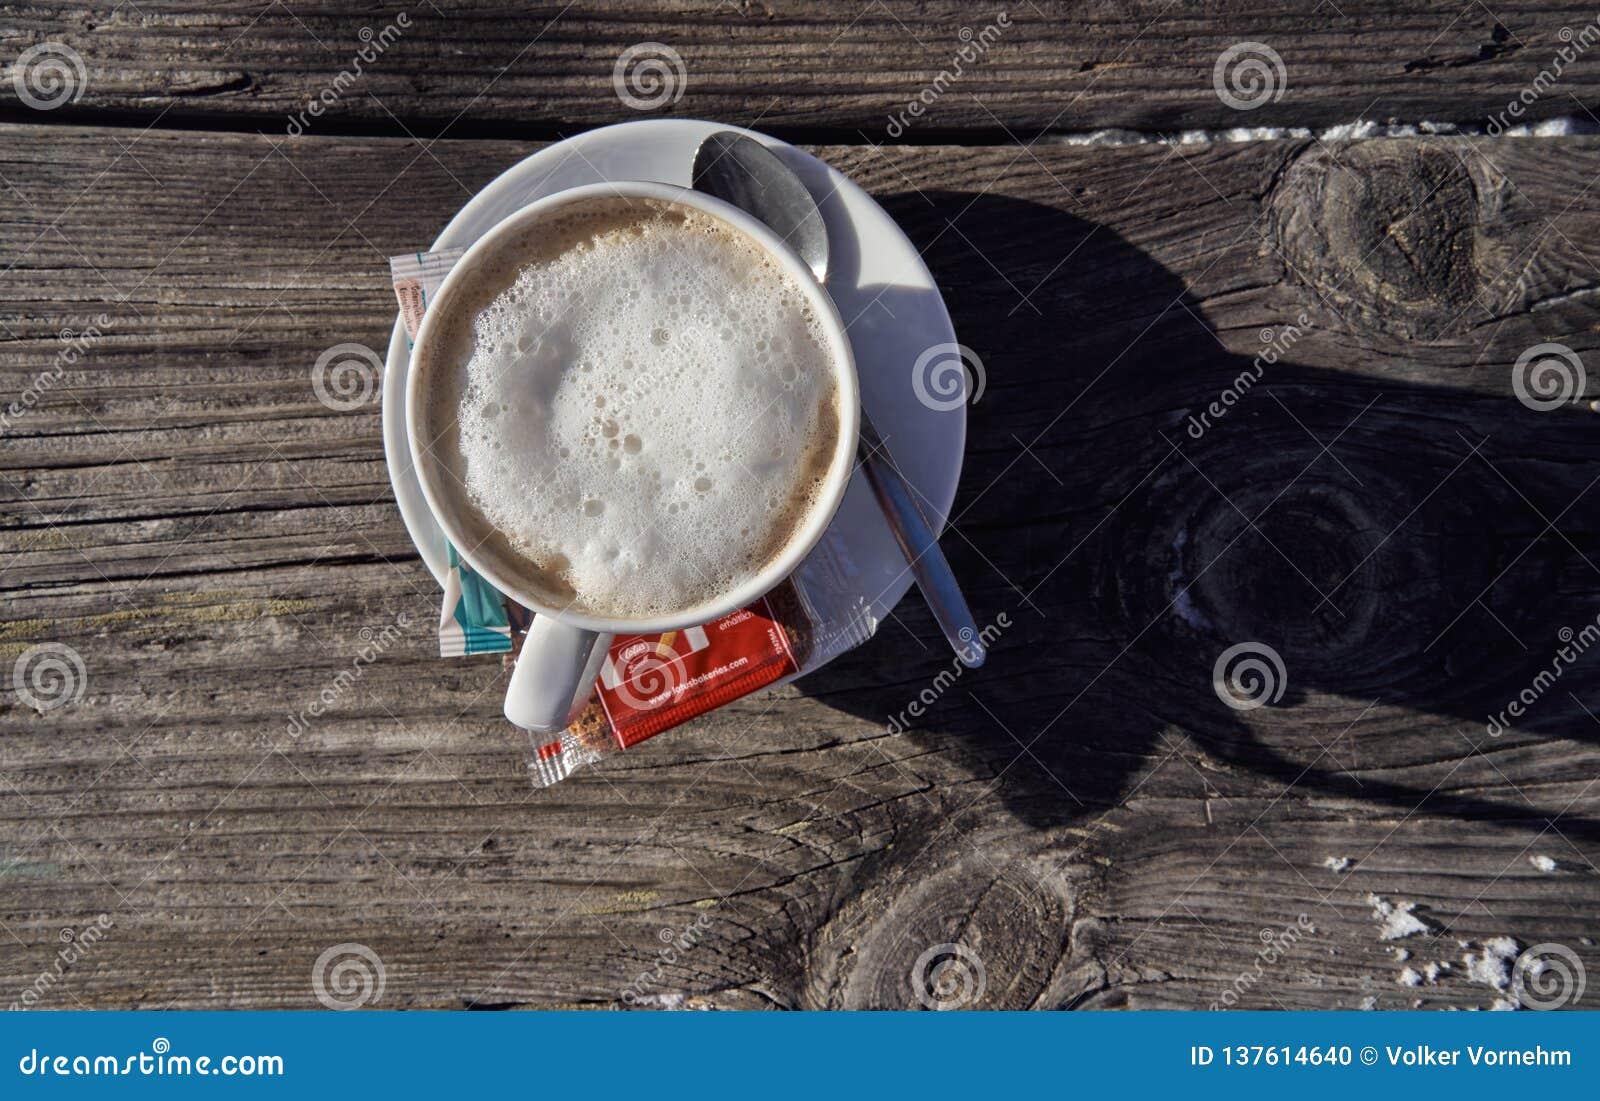 Лыжный курорт Brunnach, St Oswald, Carinthia, Австрия - 20-ое января 2019: Чашка кофе захваченная на старом деревянном столе